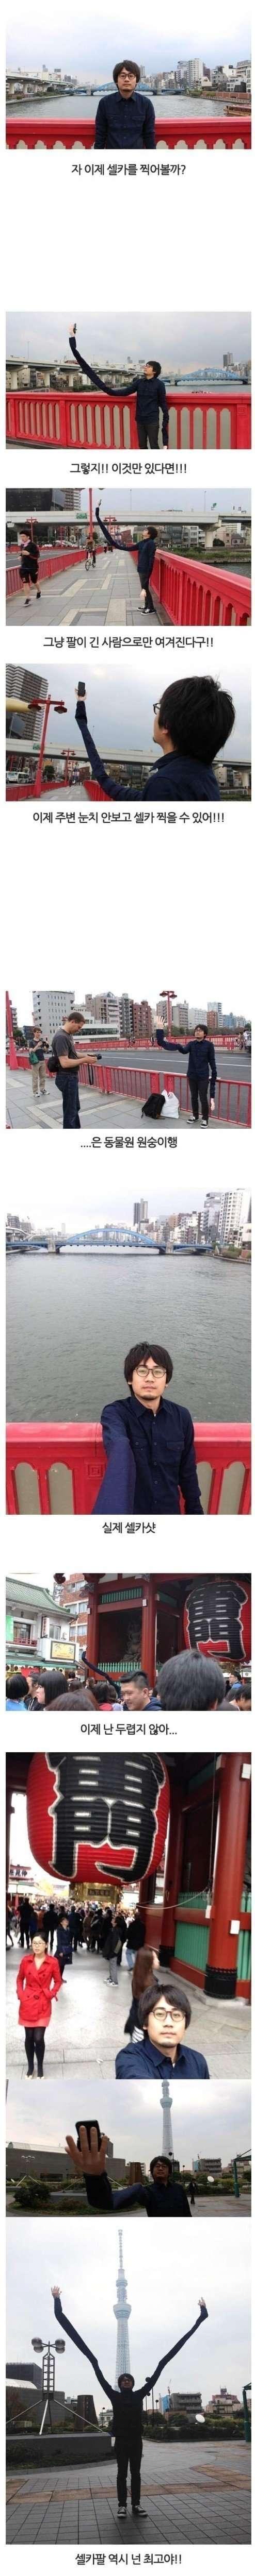 셀카봉이 부끄러웠던 일본인